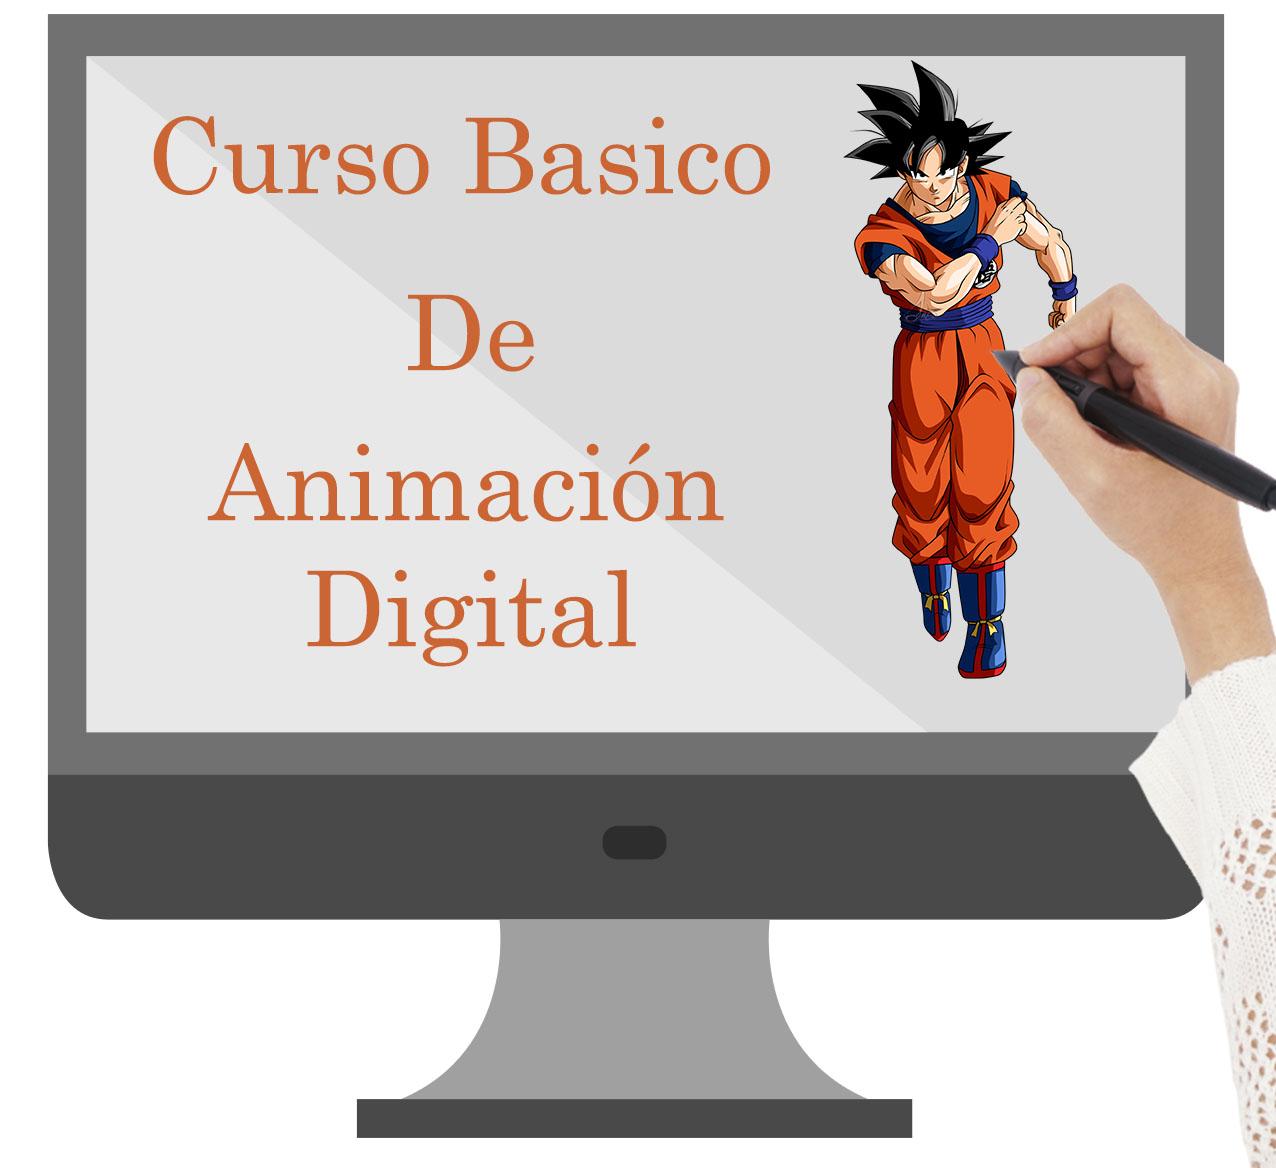 Curso Básico De Animación Digital